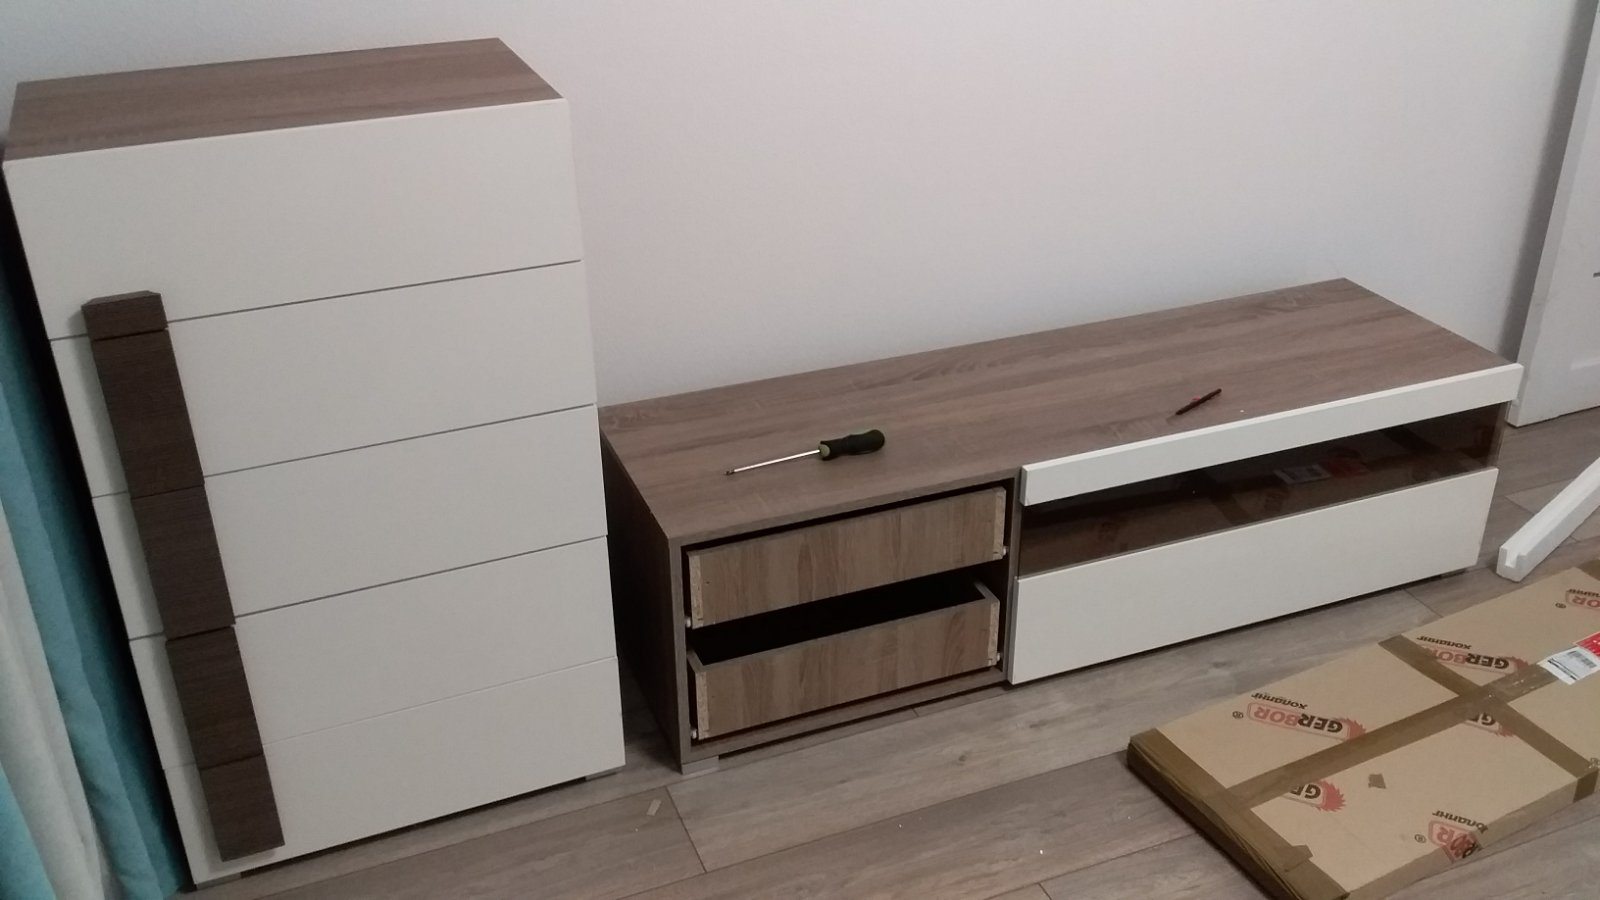 Фото Сборка стенки - комод, тумба под тв и шкаф